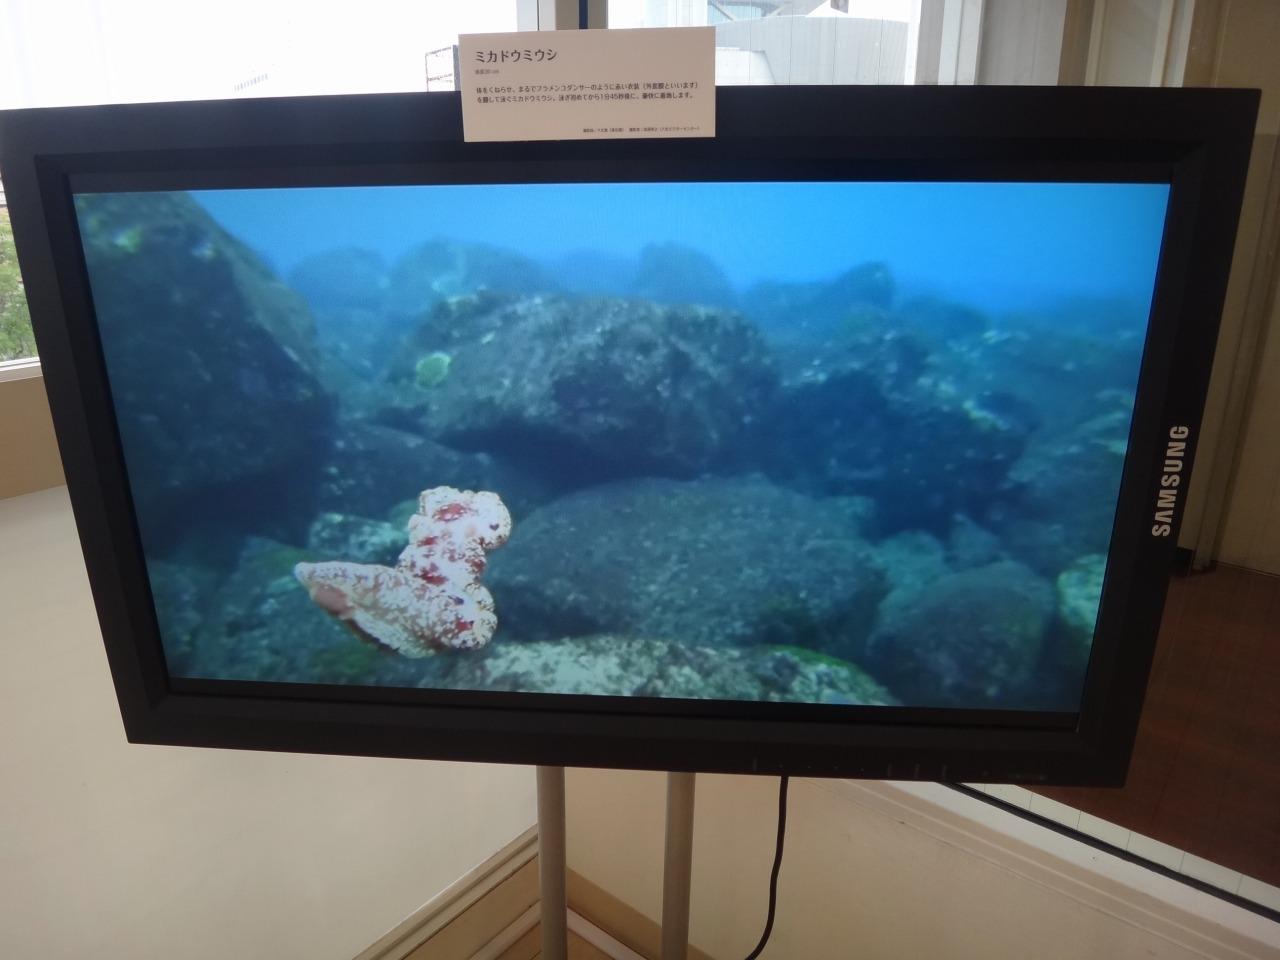 海遊館のウミウシ写真展 会場風景3_c0193735_22551454.jpg